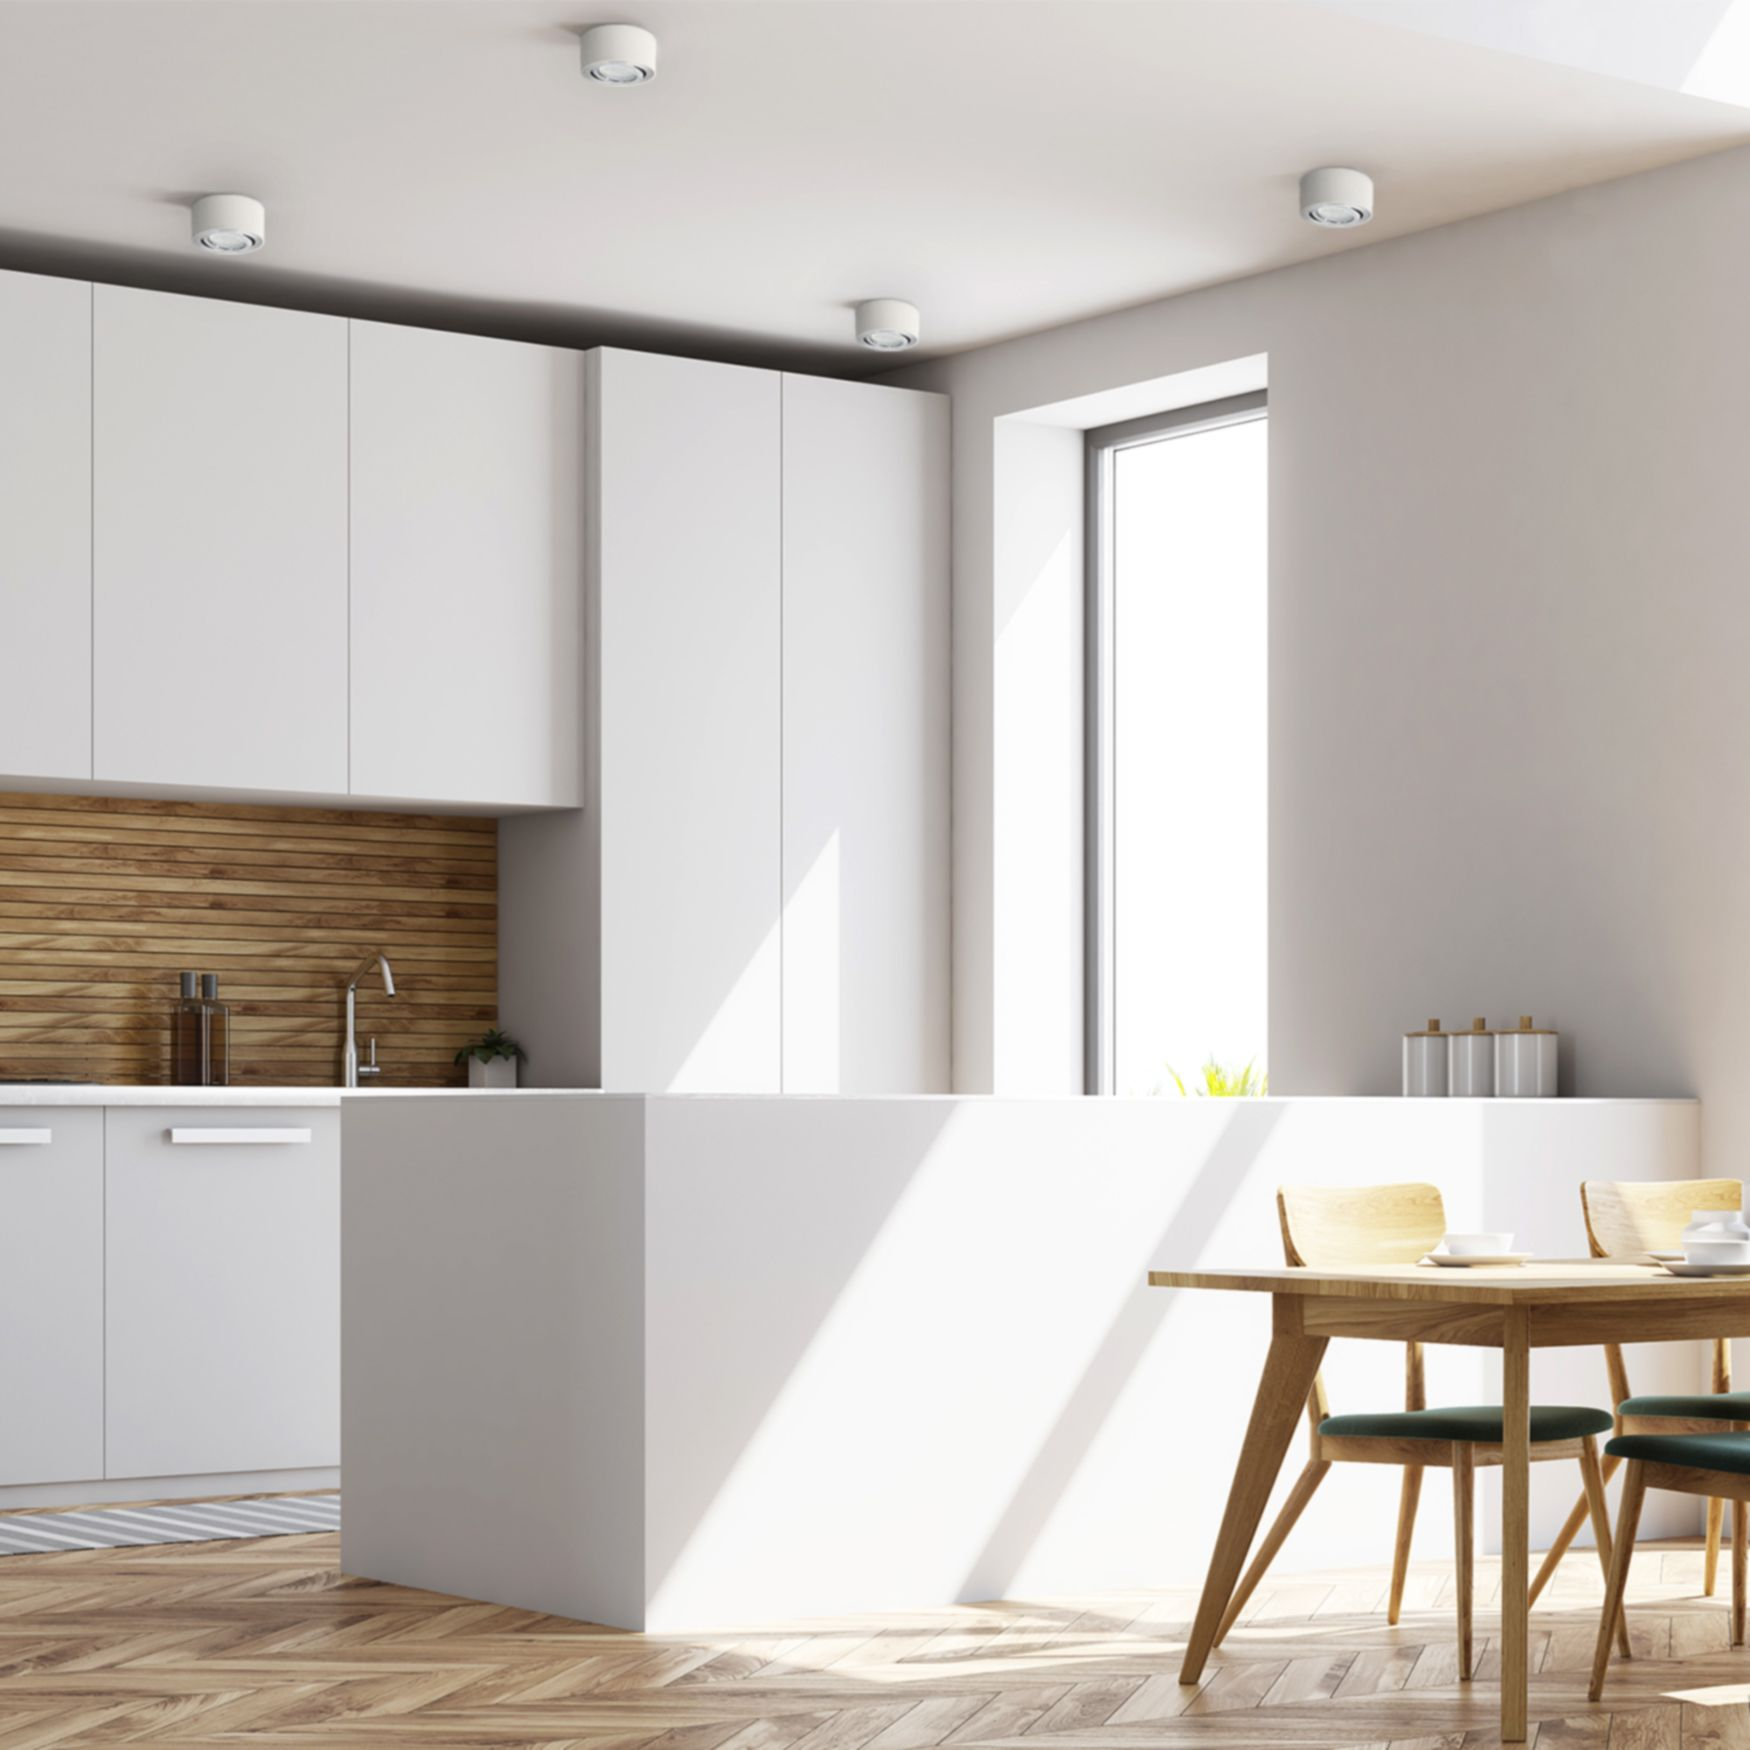 Celi 1w Flacher Decken Aufbauspot Weiss Schwenkbar Inkl Led Modul 5w Warmweiss 230v In 2020 Aufbauspots Led Deckenspots Beleuchtung Wohnzimmer Decke